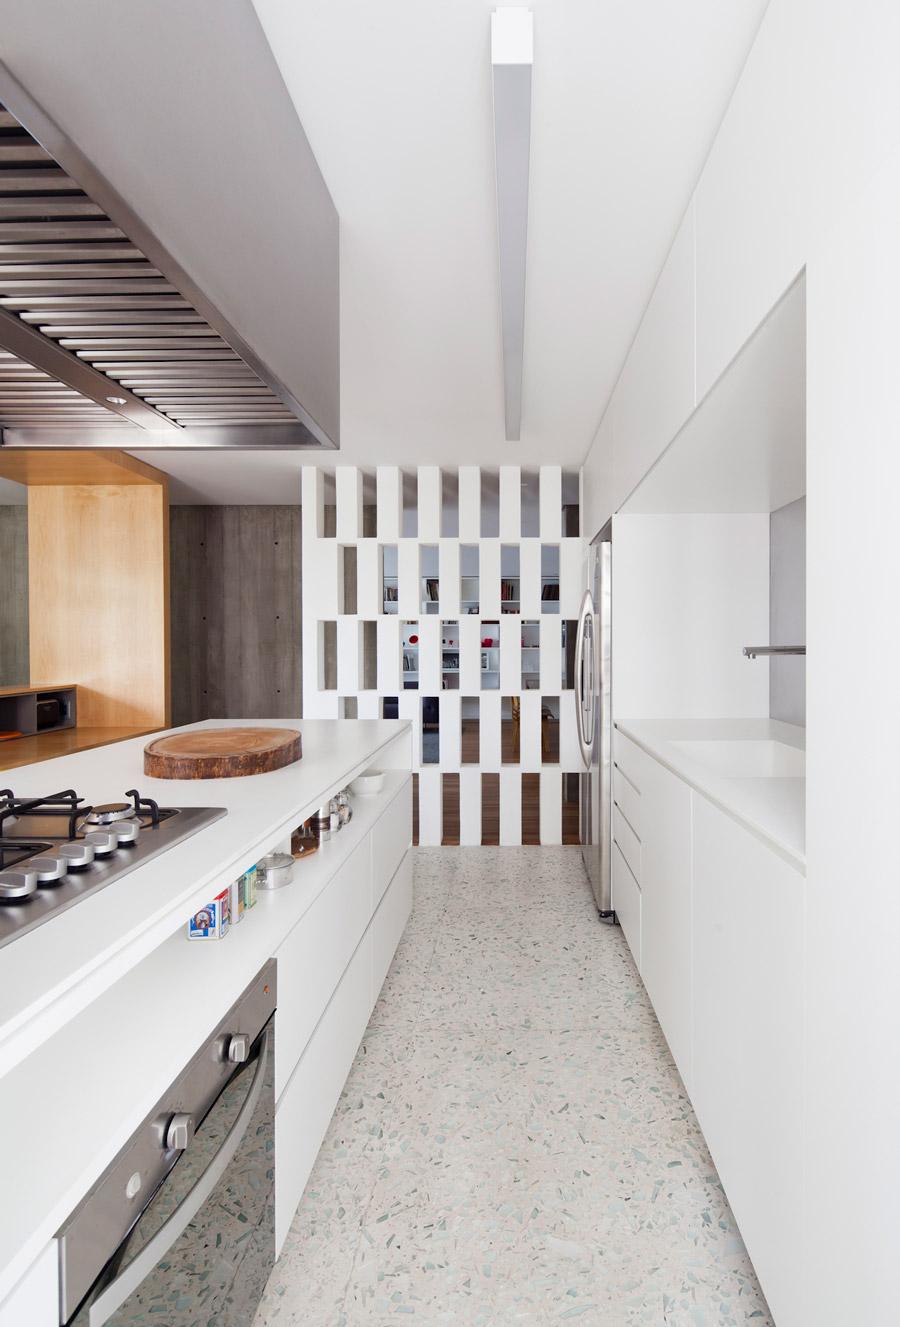 OPUMO-Couto-Arquitetura-Rebuild-An-Icon-To-Create-The-Gravata-Apartment-1